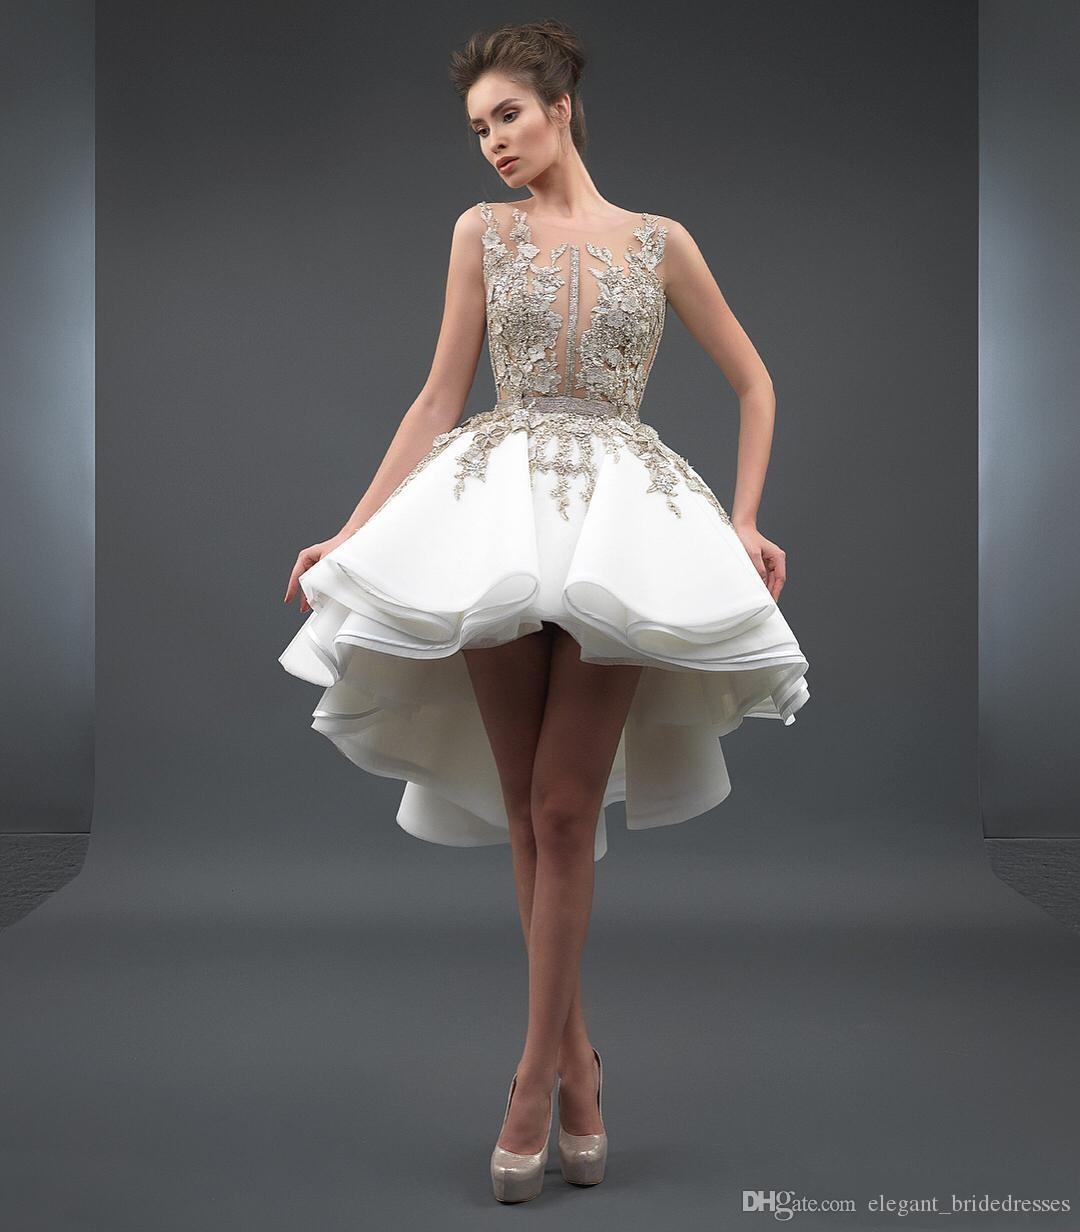 Blanco 2019 Vestidos de cóctel elegantes A-Line Scoop Short Frontal Atrás Aplique Apliques Largo Partido Encaje Plus Talla Homecoming Vestido Vestido de Festa